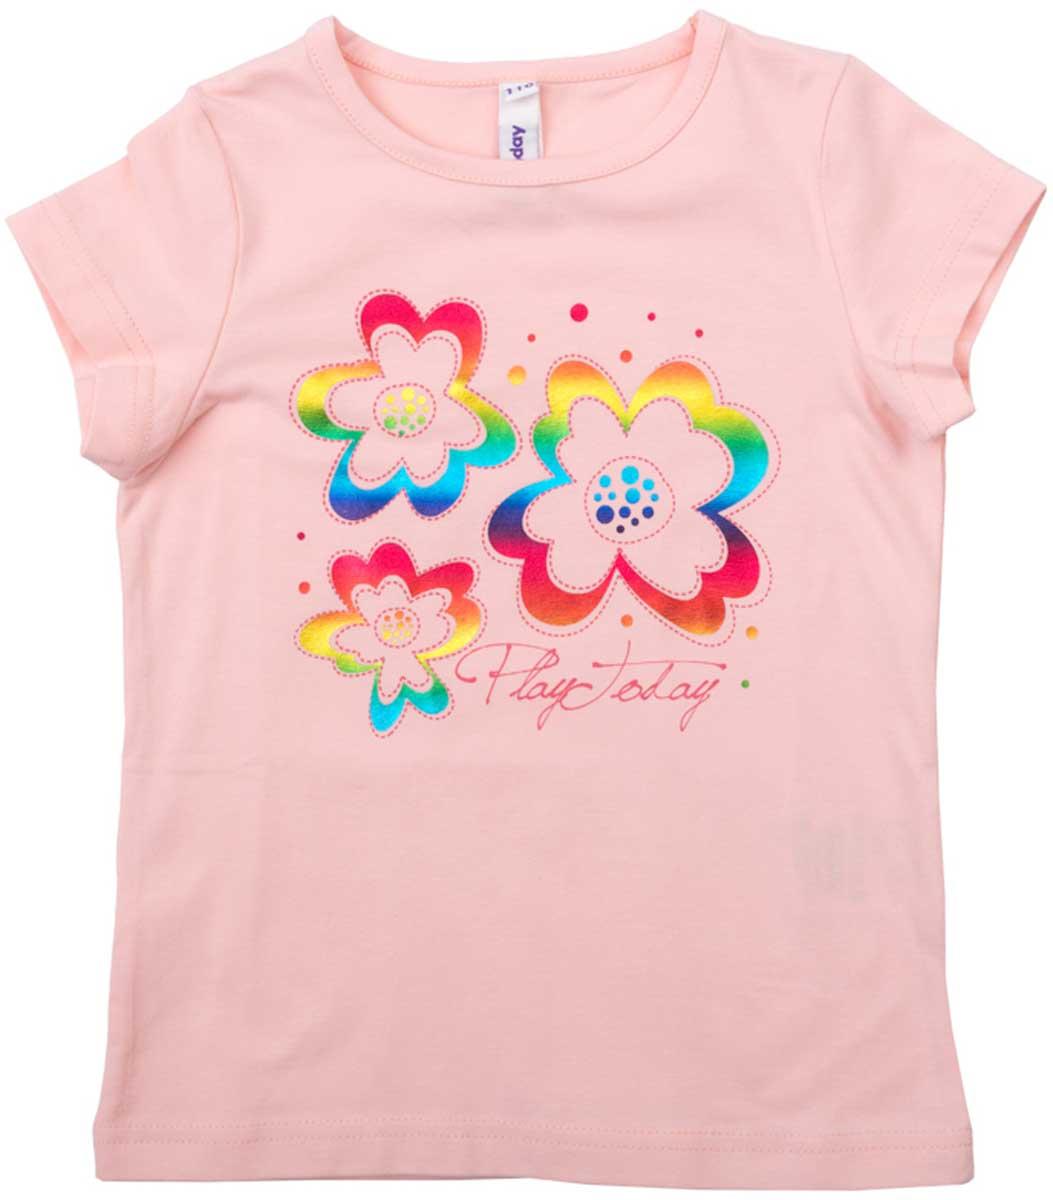 Футболка для девочки PlayToday, цвет: розовый. 172028. Размер 110172028Футболка для девочки PlayToday выполнена из хлопка и эластана. Модель с круглым вырезом горловины и короткими рукавами оформлена оригинальным принтом.